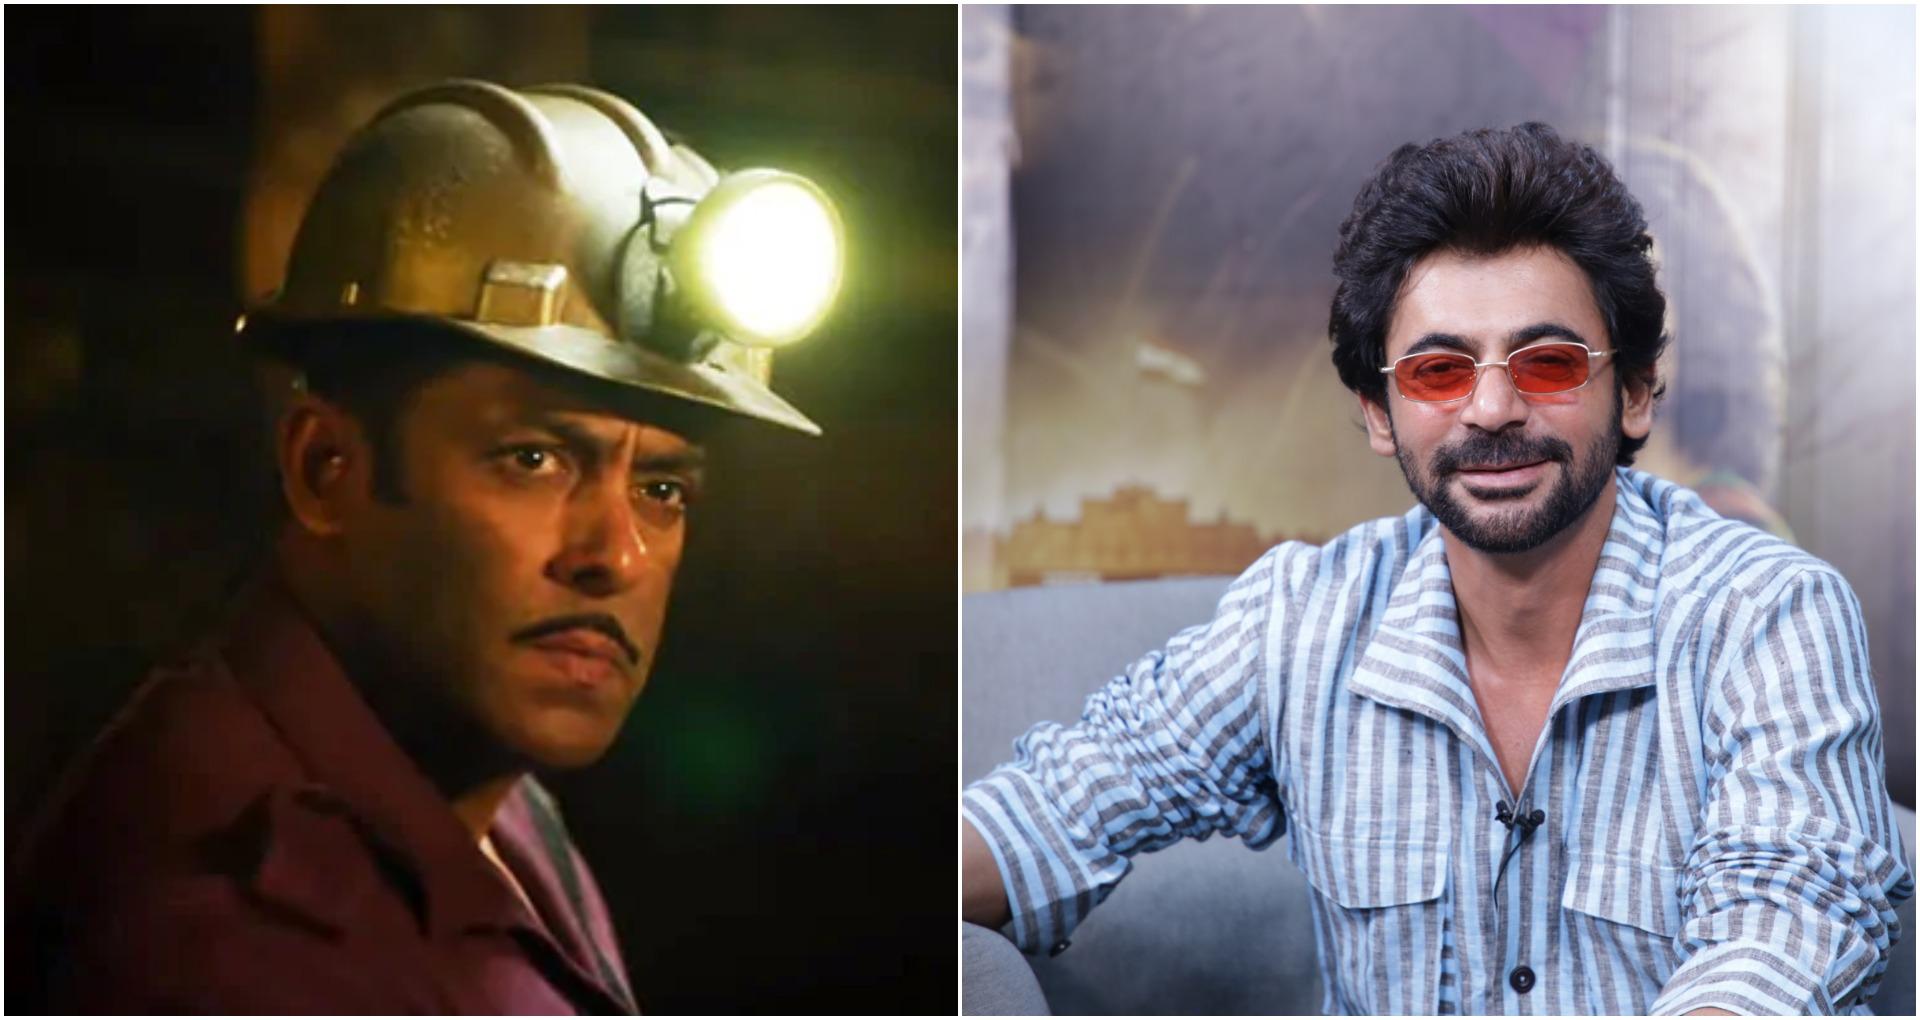 EXCLUSIVE: भारत फिल्म मिलना और सलमान खान के साथ काम करना मेरे लिए सौभाग्य की बात है : सुनील ग्रोवर